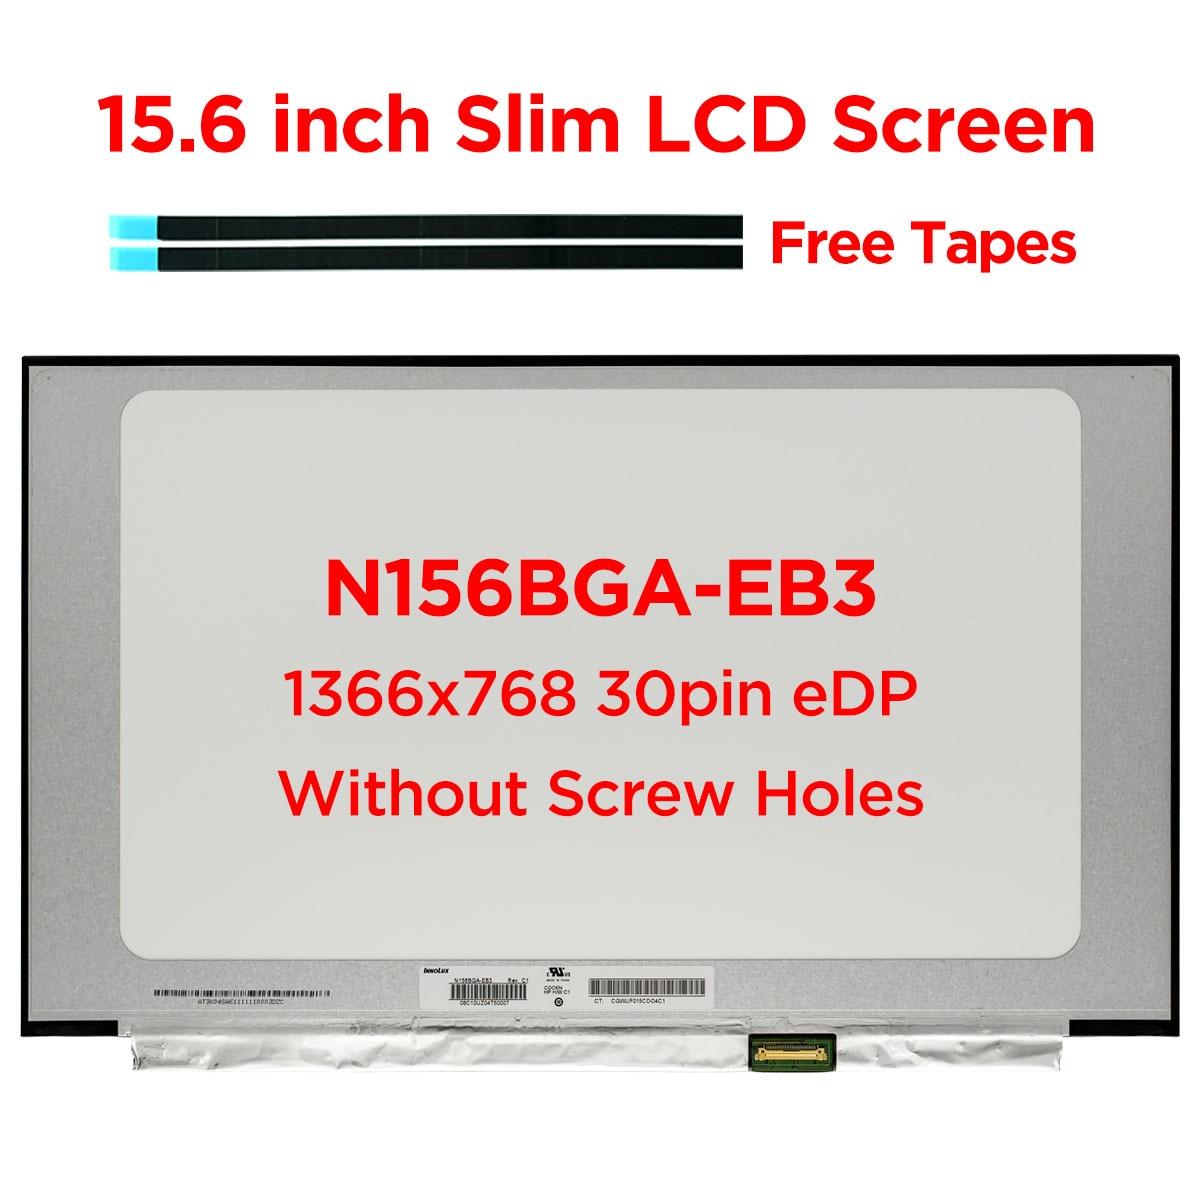 15,6 дюймовый тонкий ЖК-экран для ноутбука, Φ Rev.C1 HD 1366x768, матричная панель дисплея, светодиодная глянцевая панель без отверстий для винтов, 30-к...